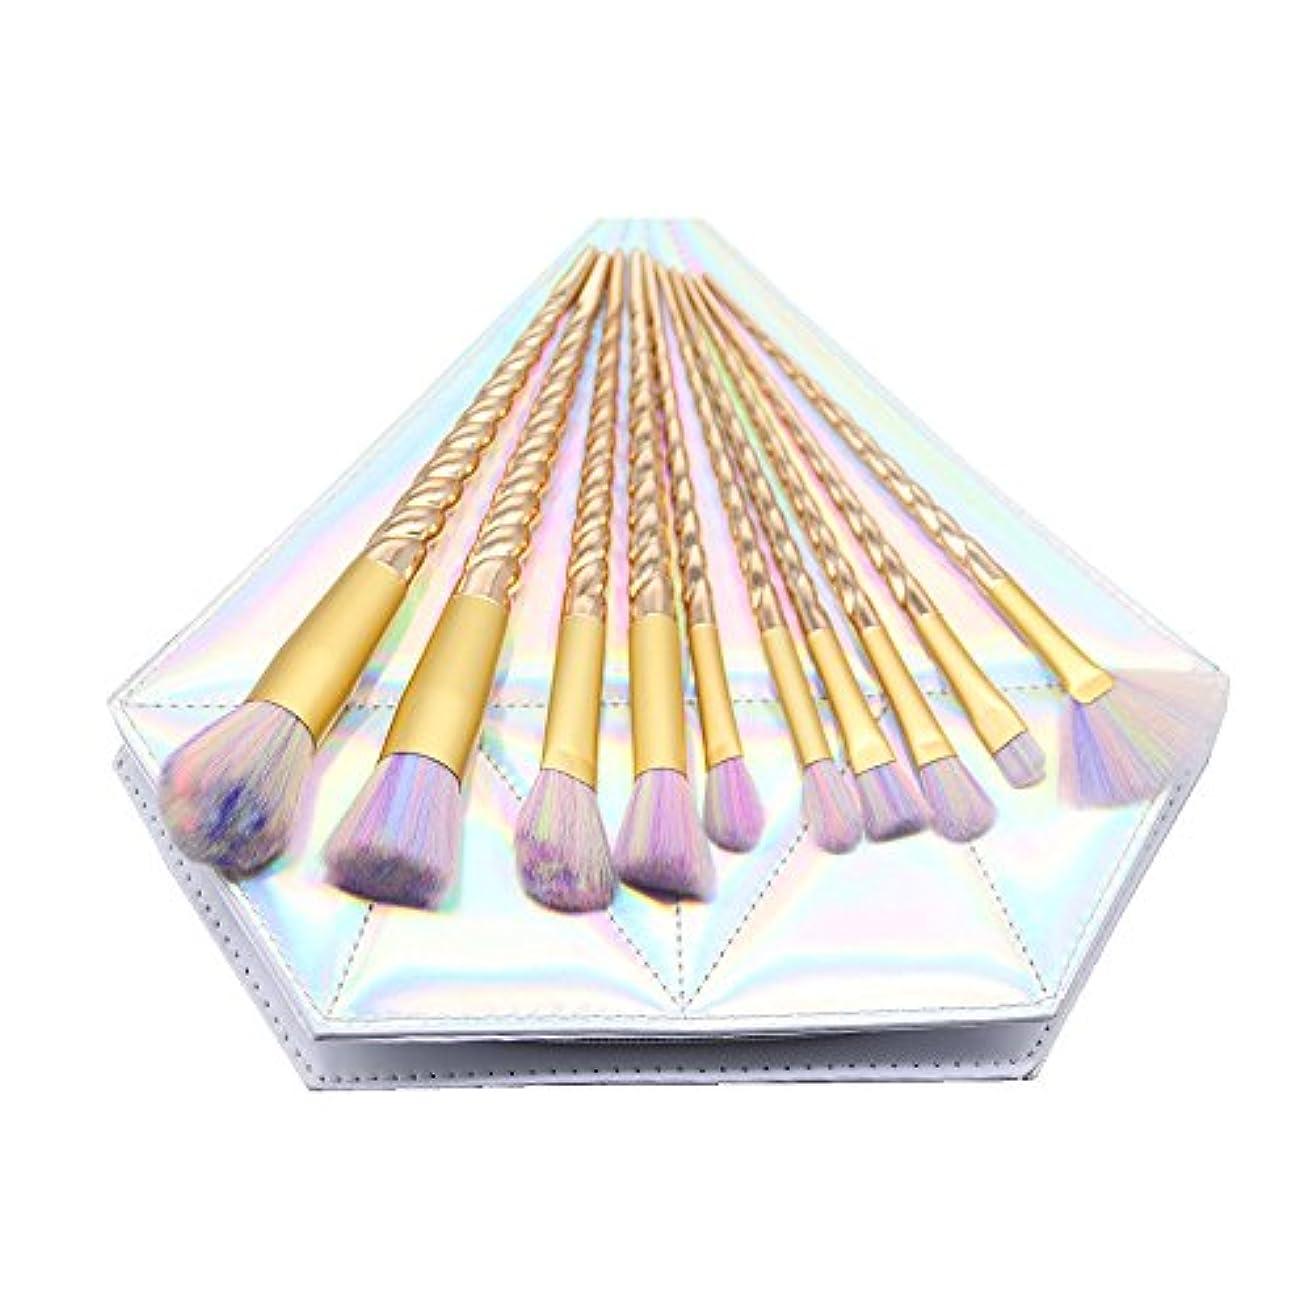 ガス逃げる人気Dilla Beauty メイクブラシセット 10本セット ユニコーンデザイン プラスチックハンドル 合成毛 ファンデーションブラシ アイシャドーブラッシャー 美容ツール 化粧品のバッグ付き